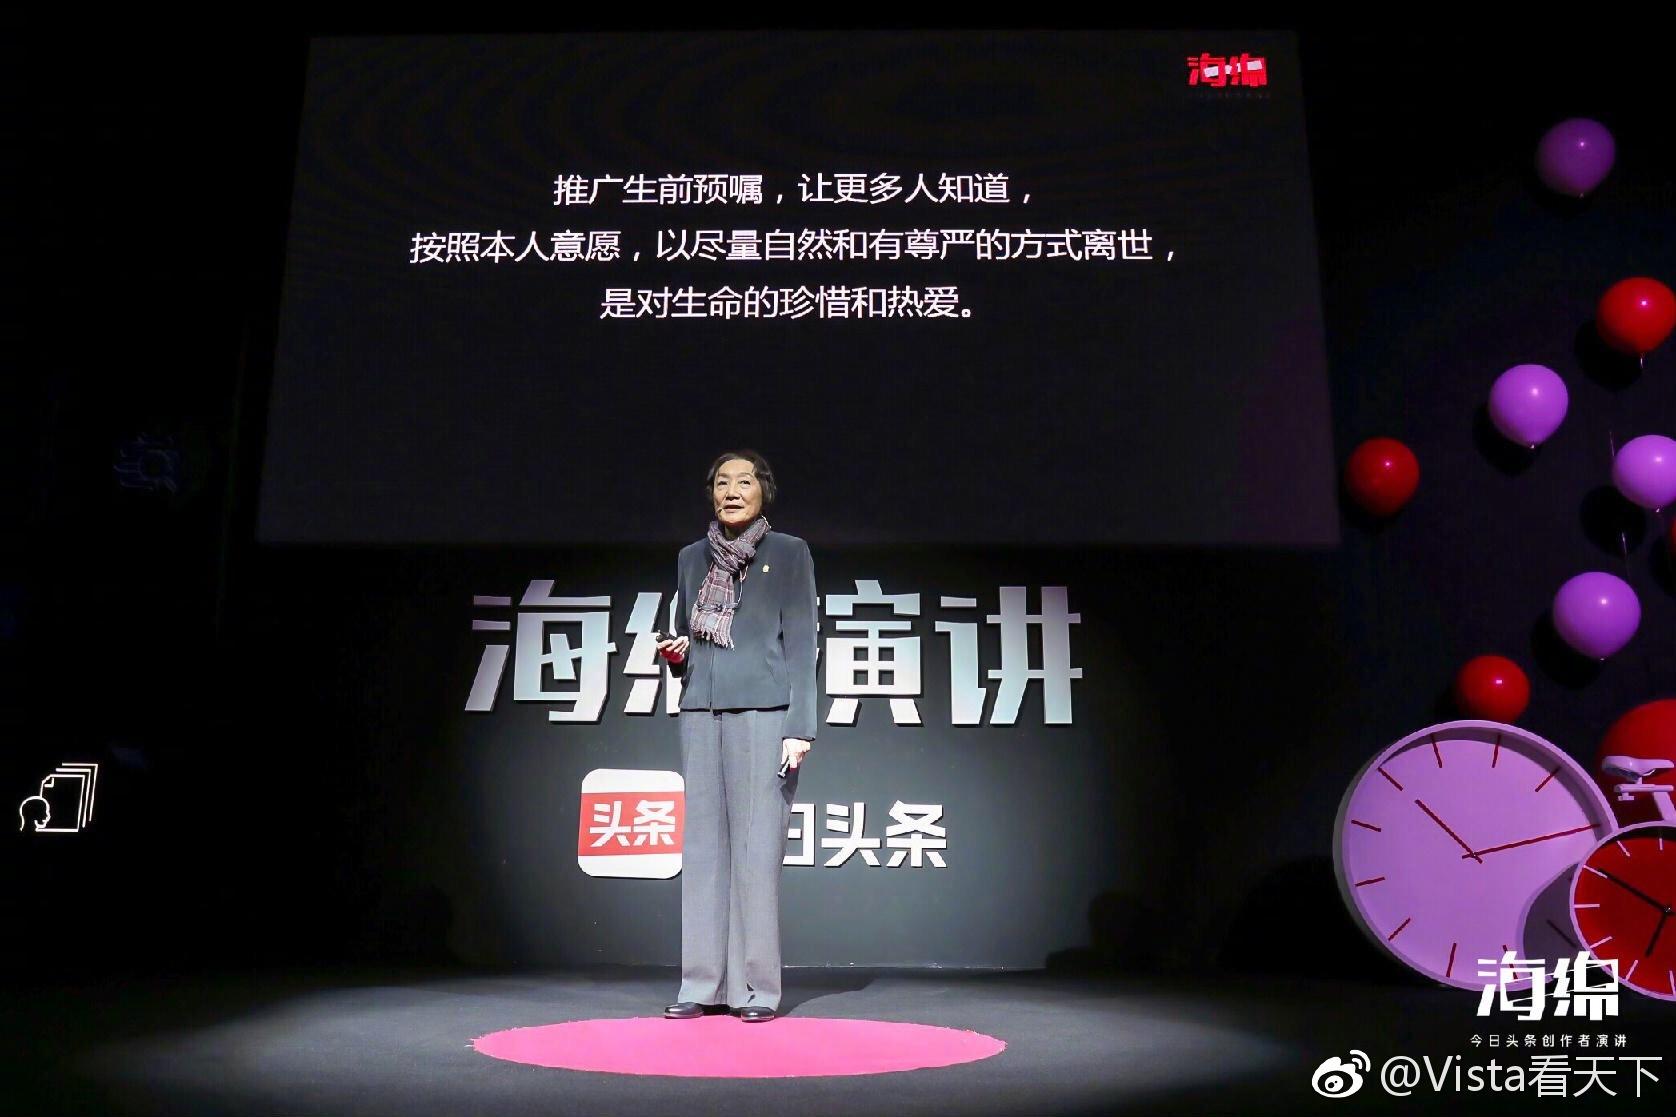 【银豹娱乐平台跑路】来了!百度大脑AI虚拟主持人首次亮相央视!